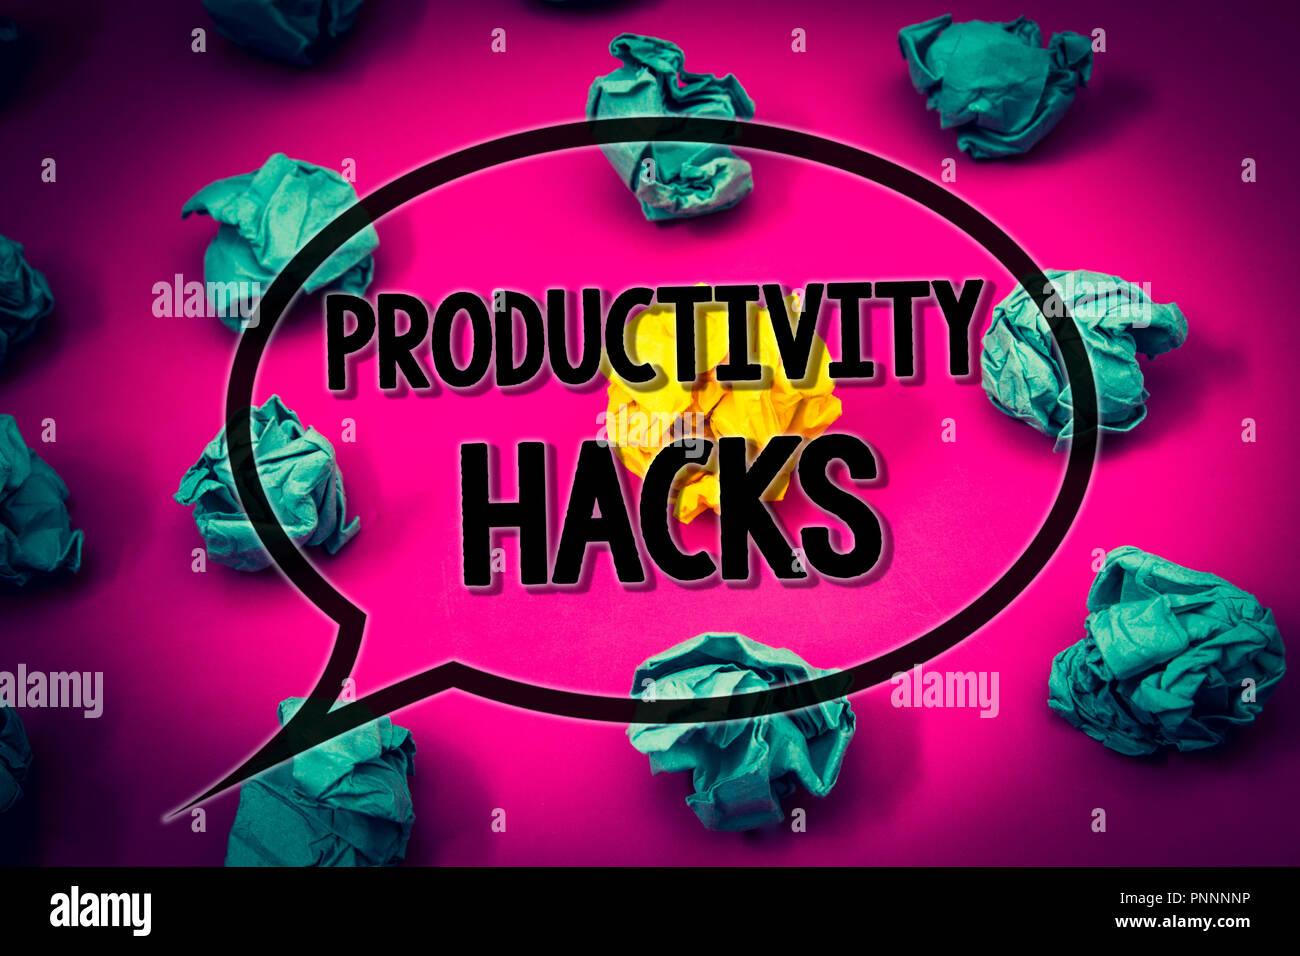 Handschrift Text Produktivitat Hacks Begriff Sinne Hacking Losung